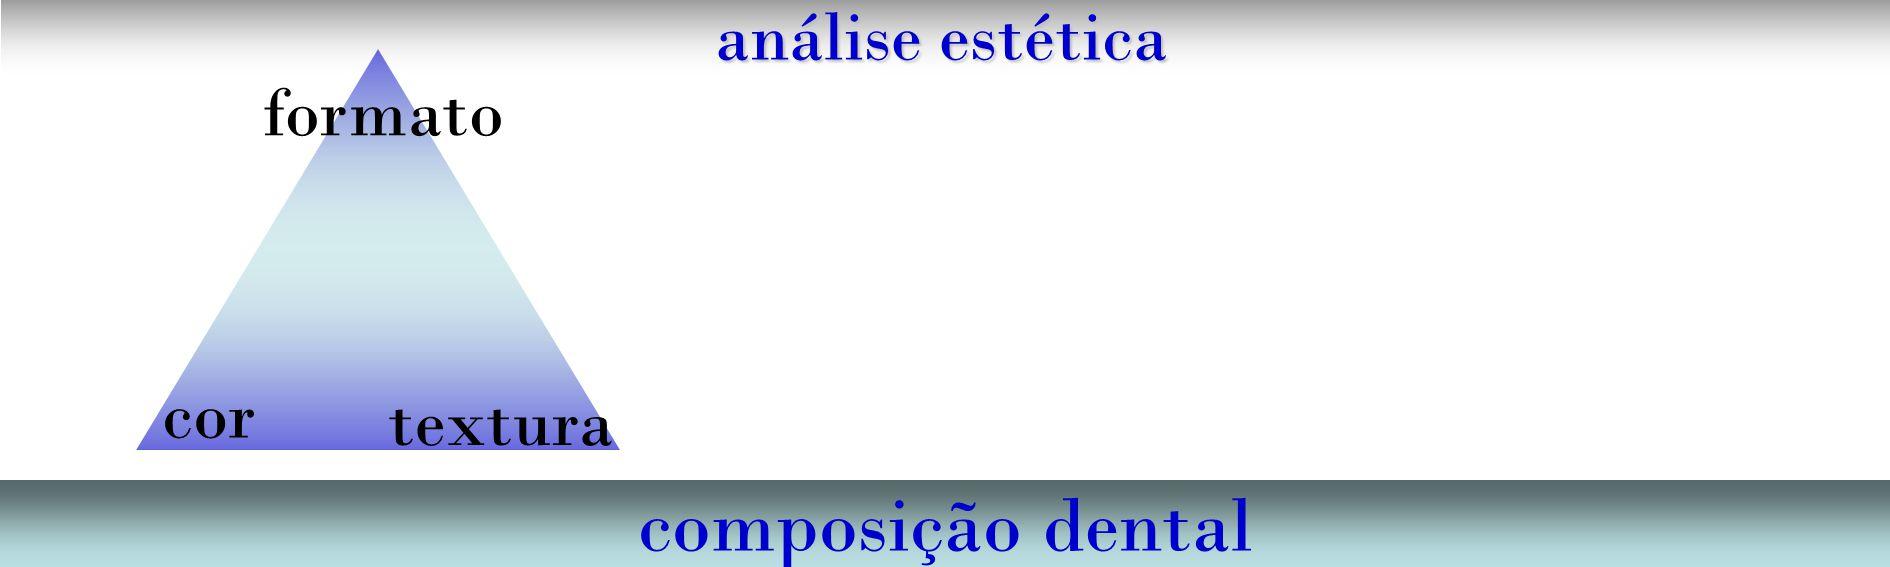 análise estética formato cor textura composição dental